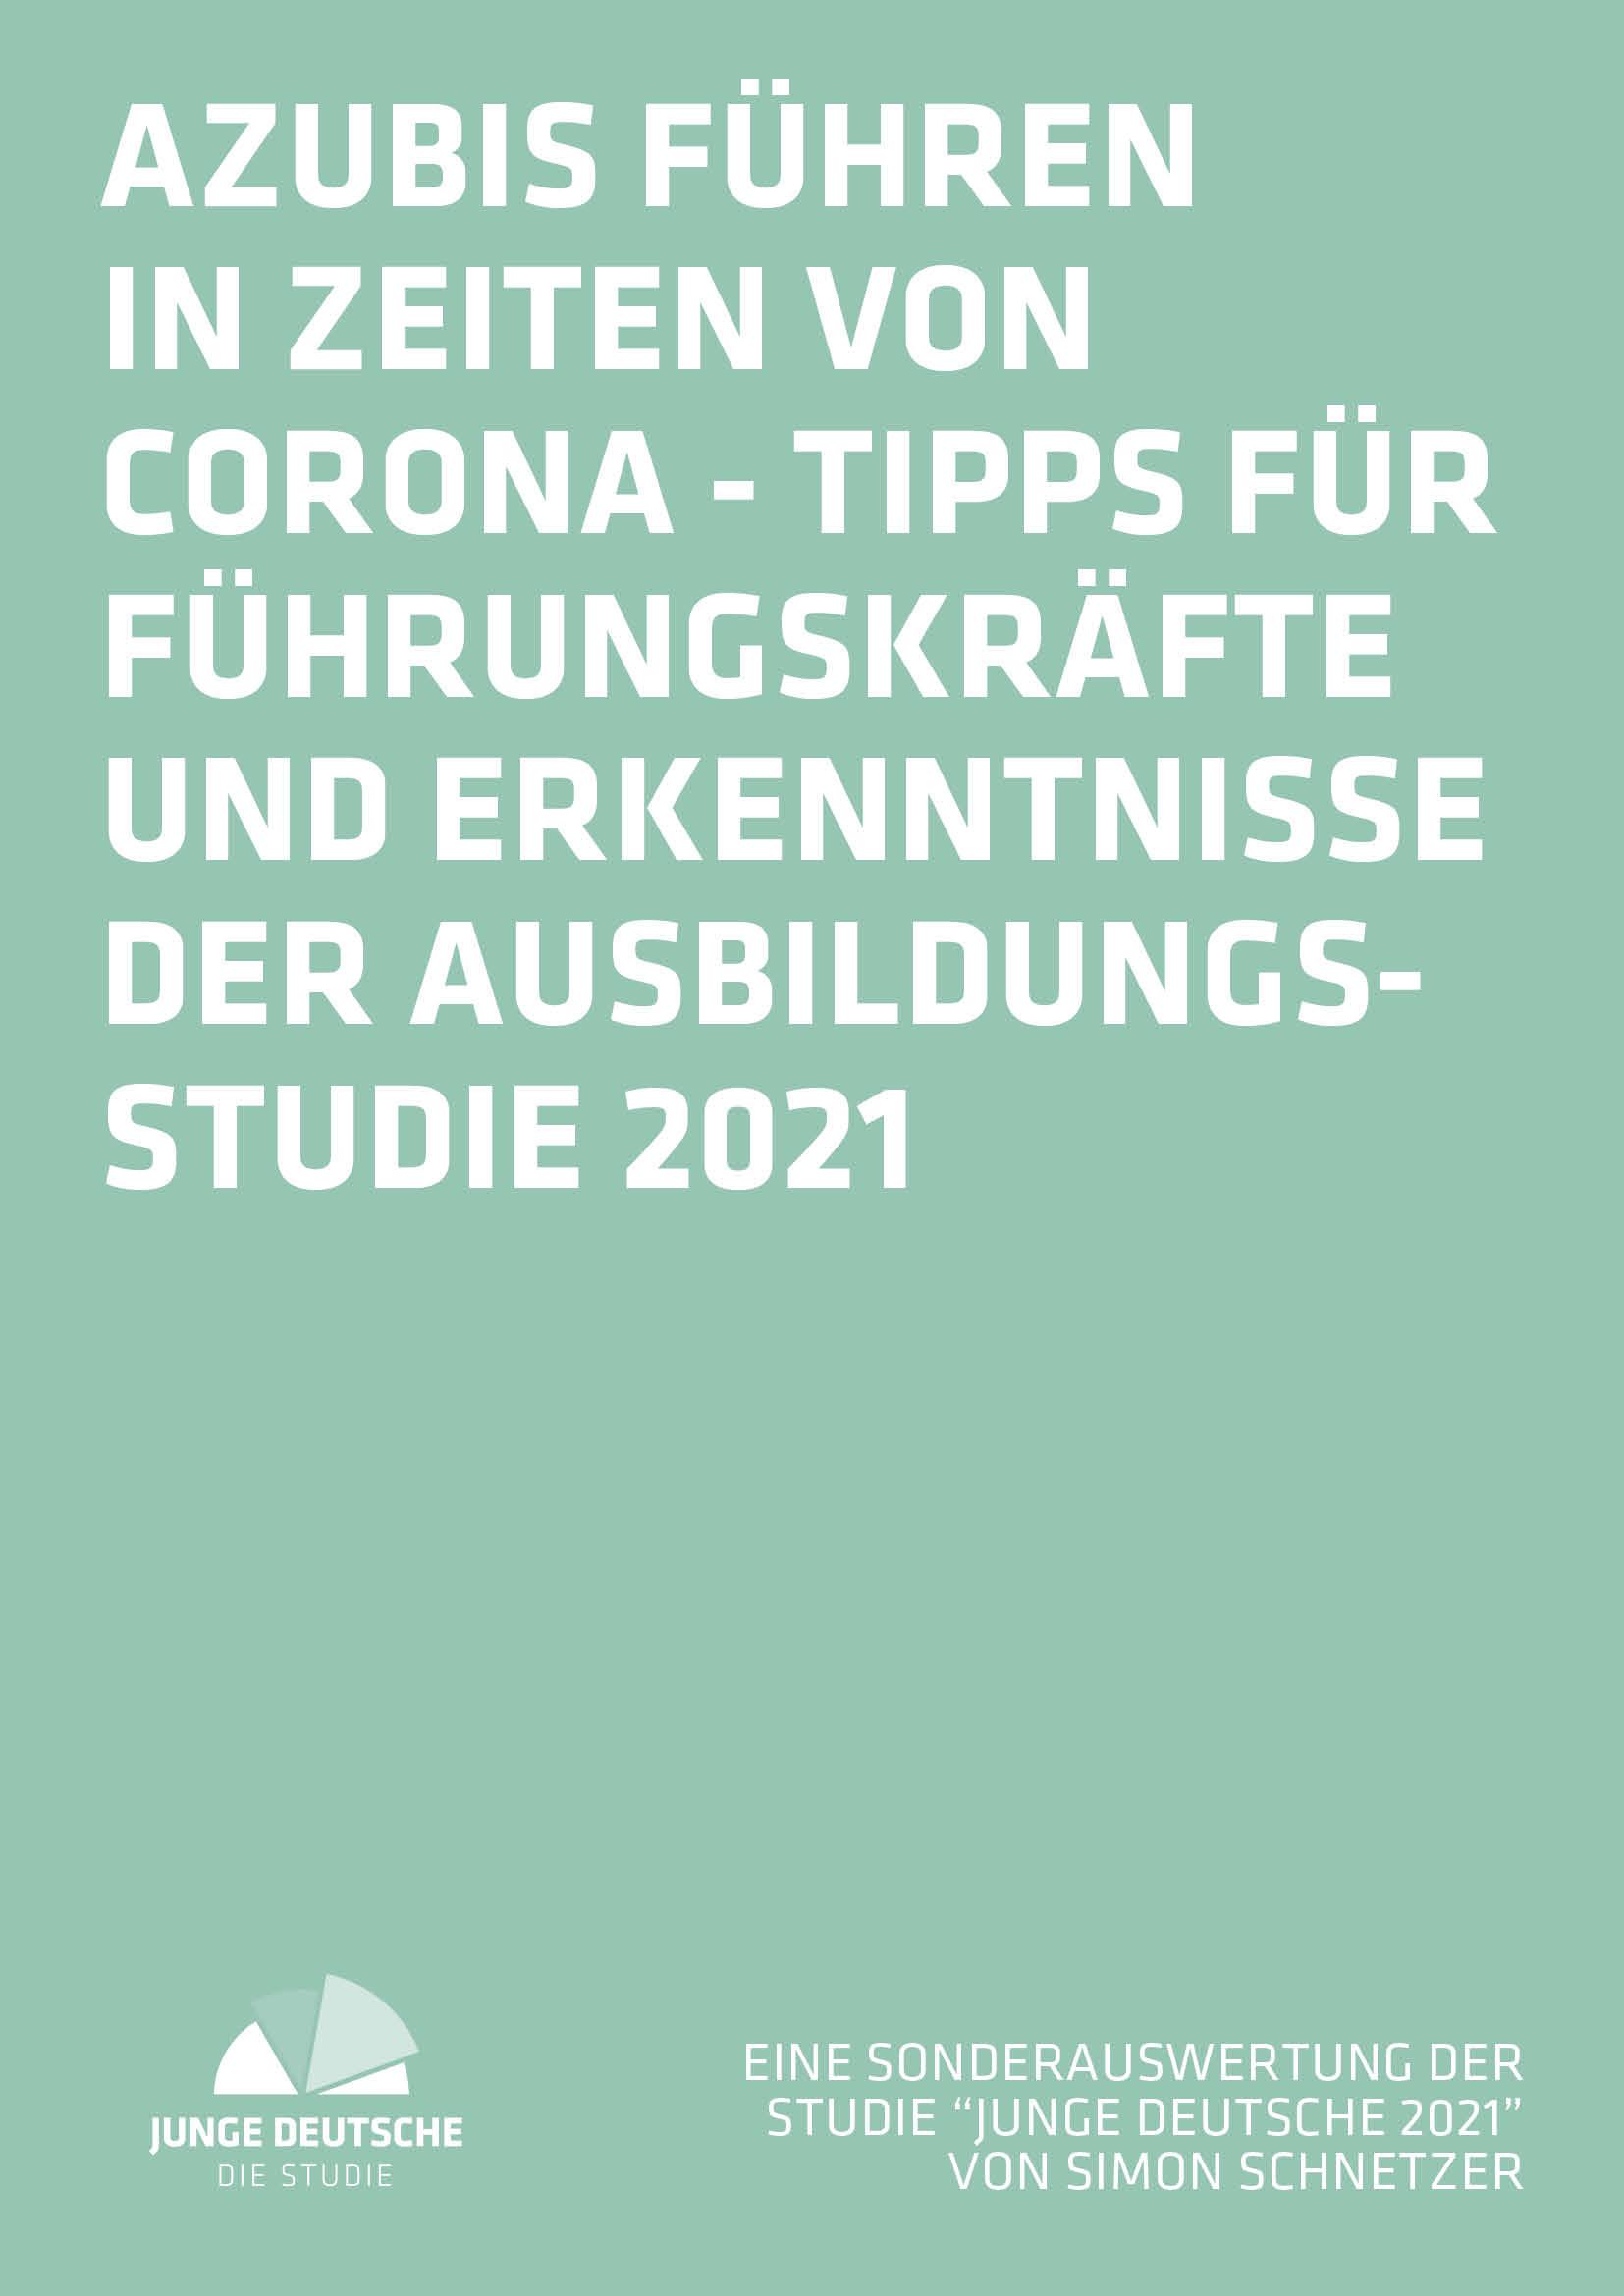 Ausbildungsstudie 2021 Bayern